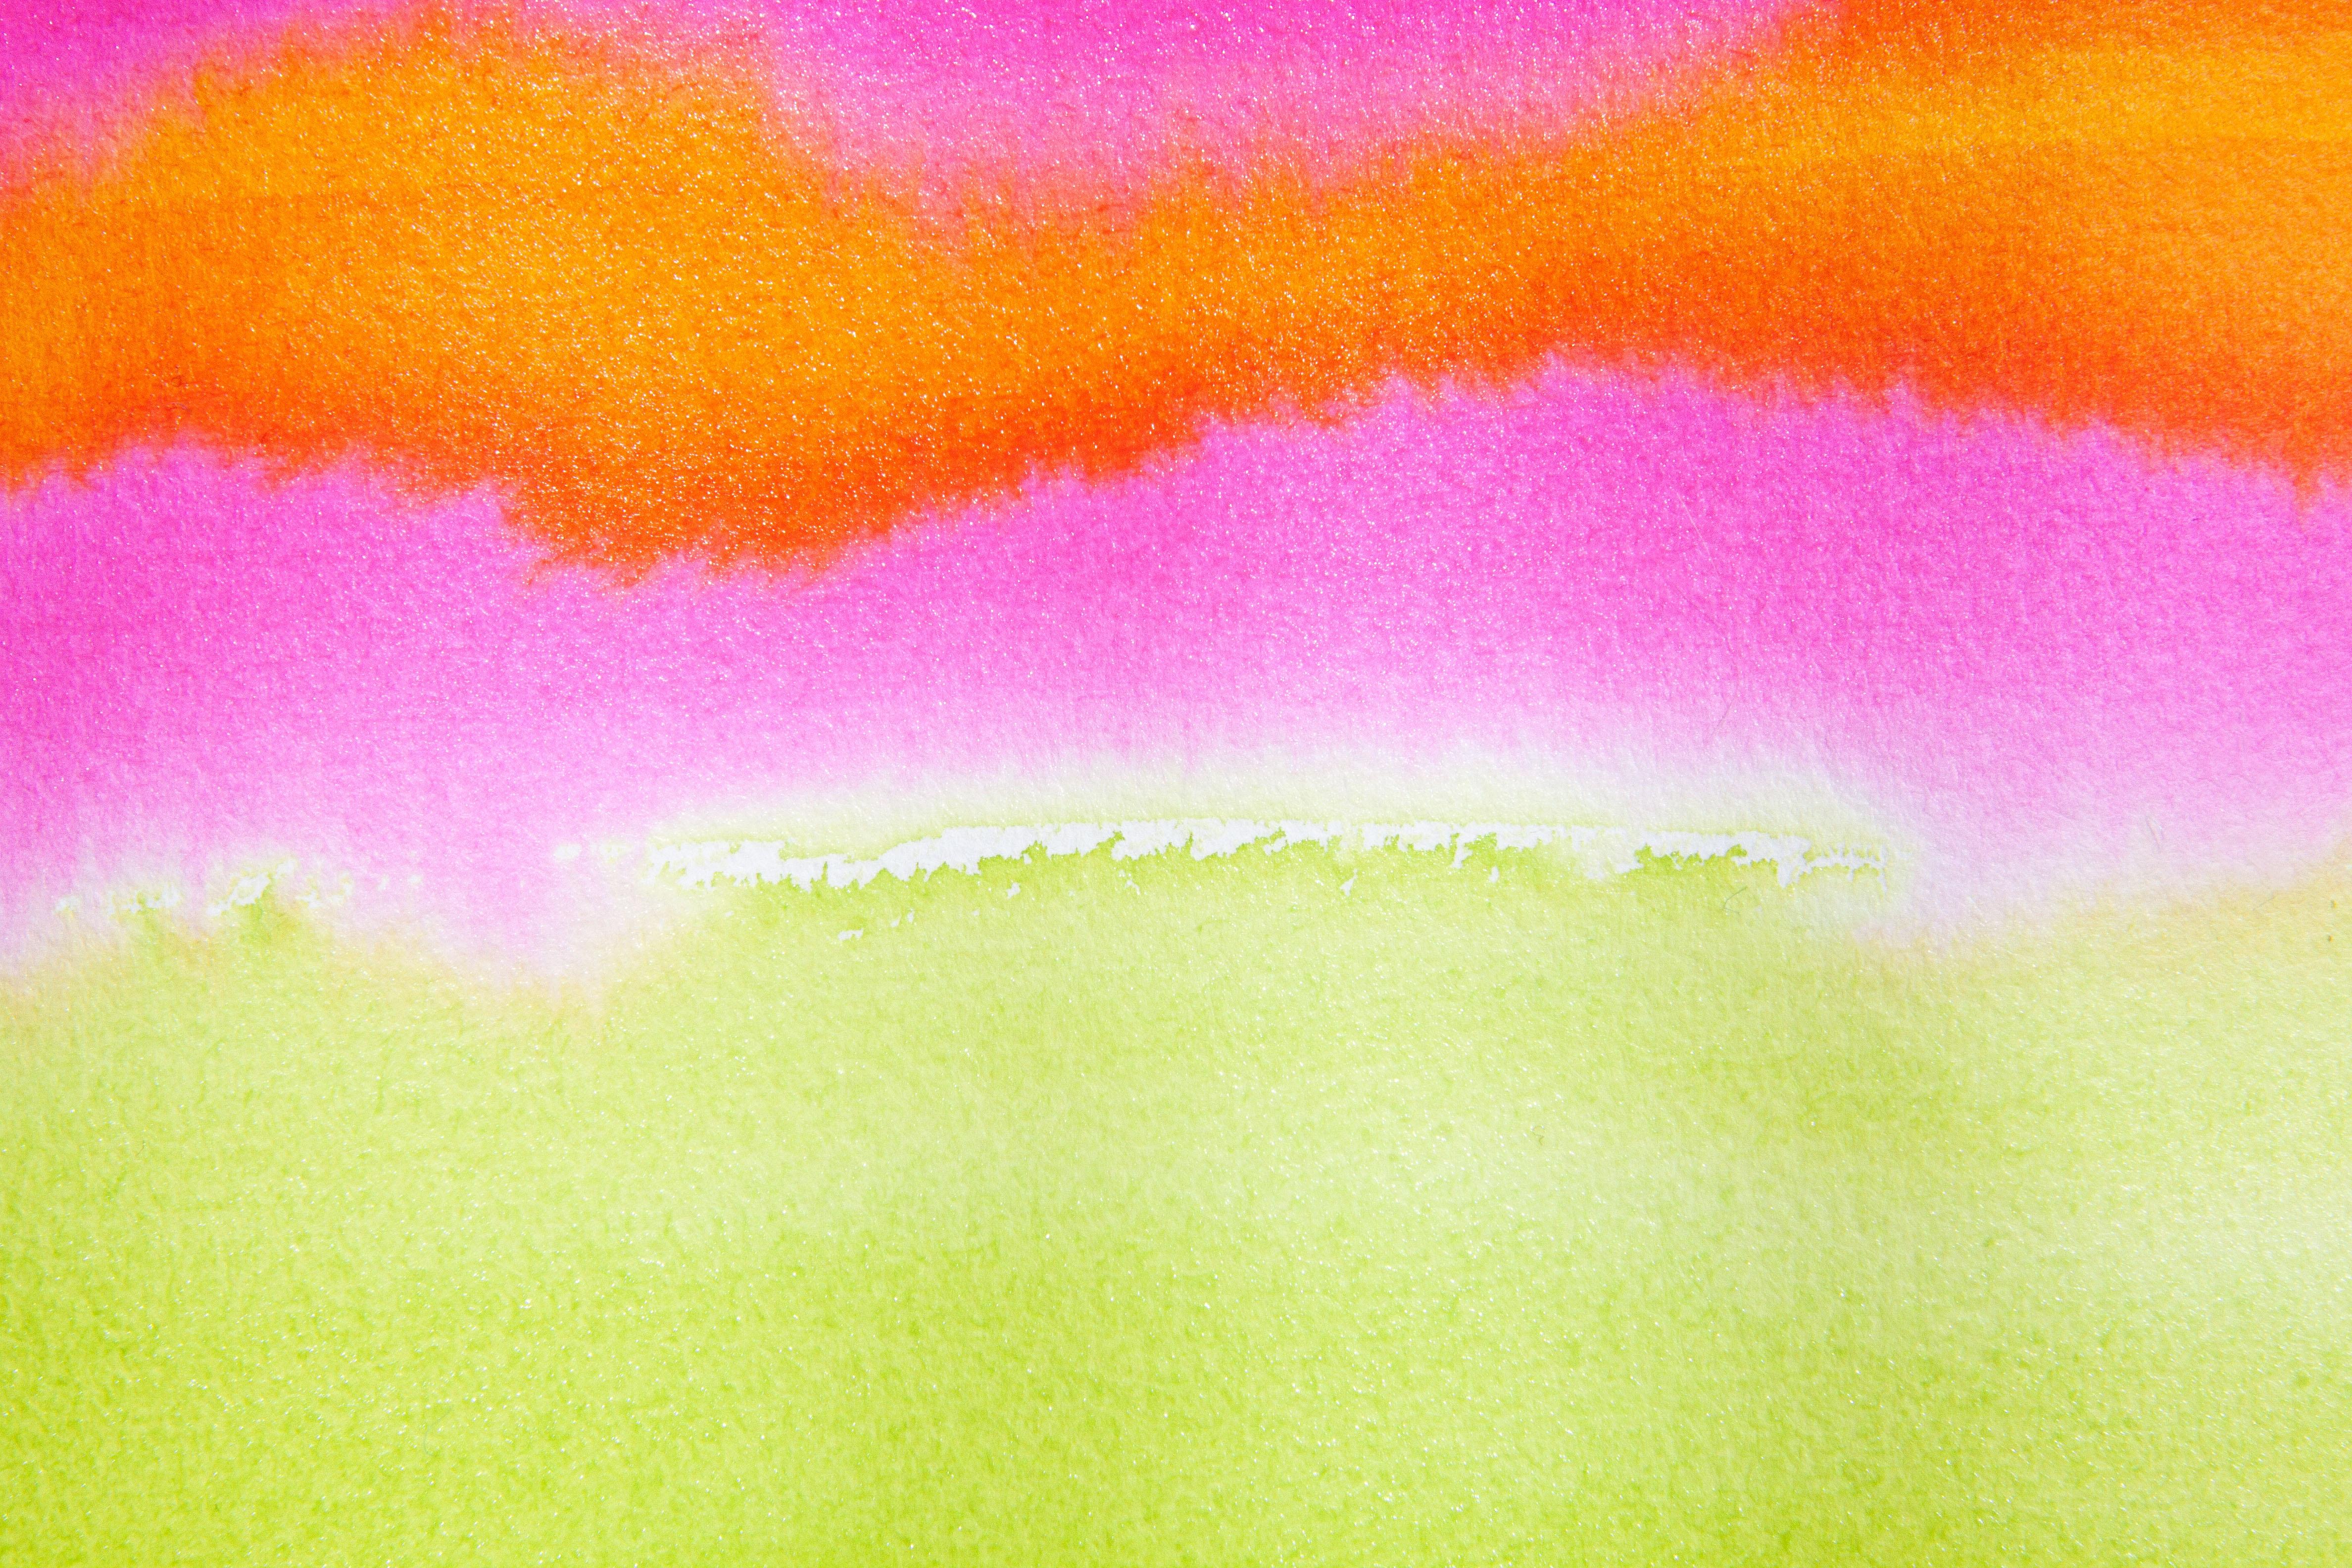 Célèbre Images Gratuites : texture, fleur, pétale, humide, été, Orange  JD83